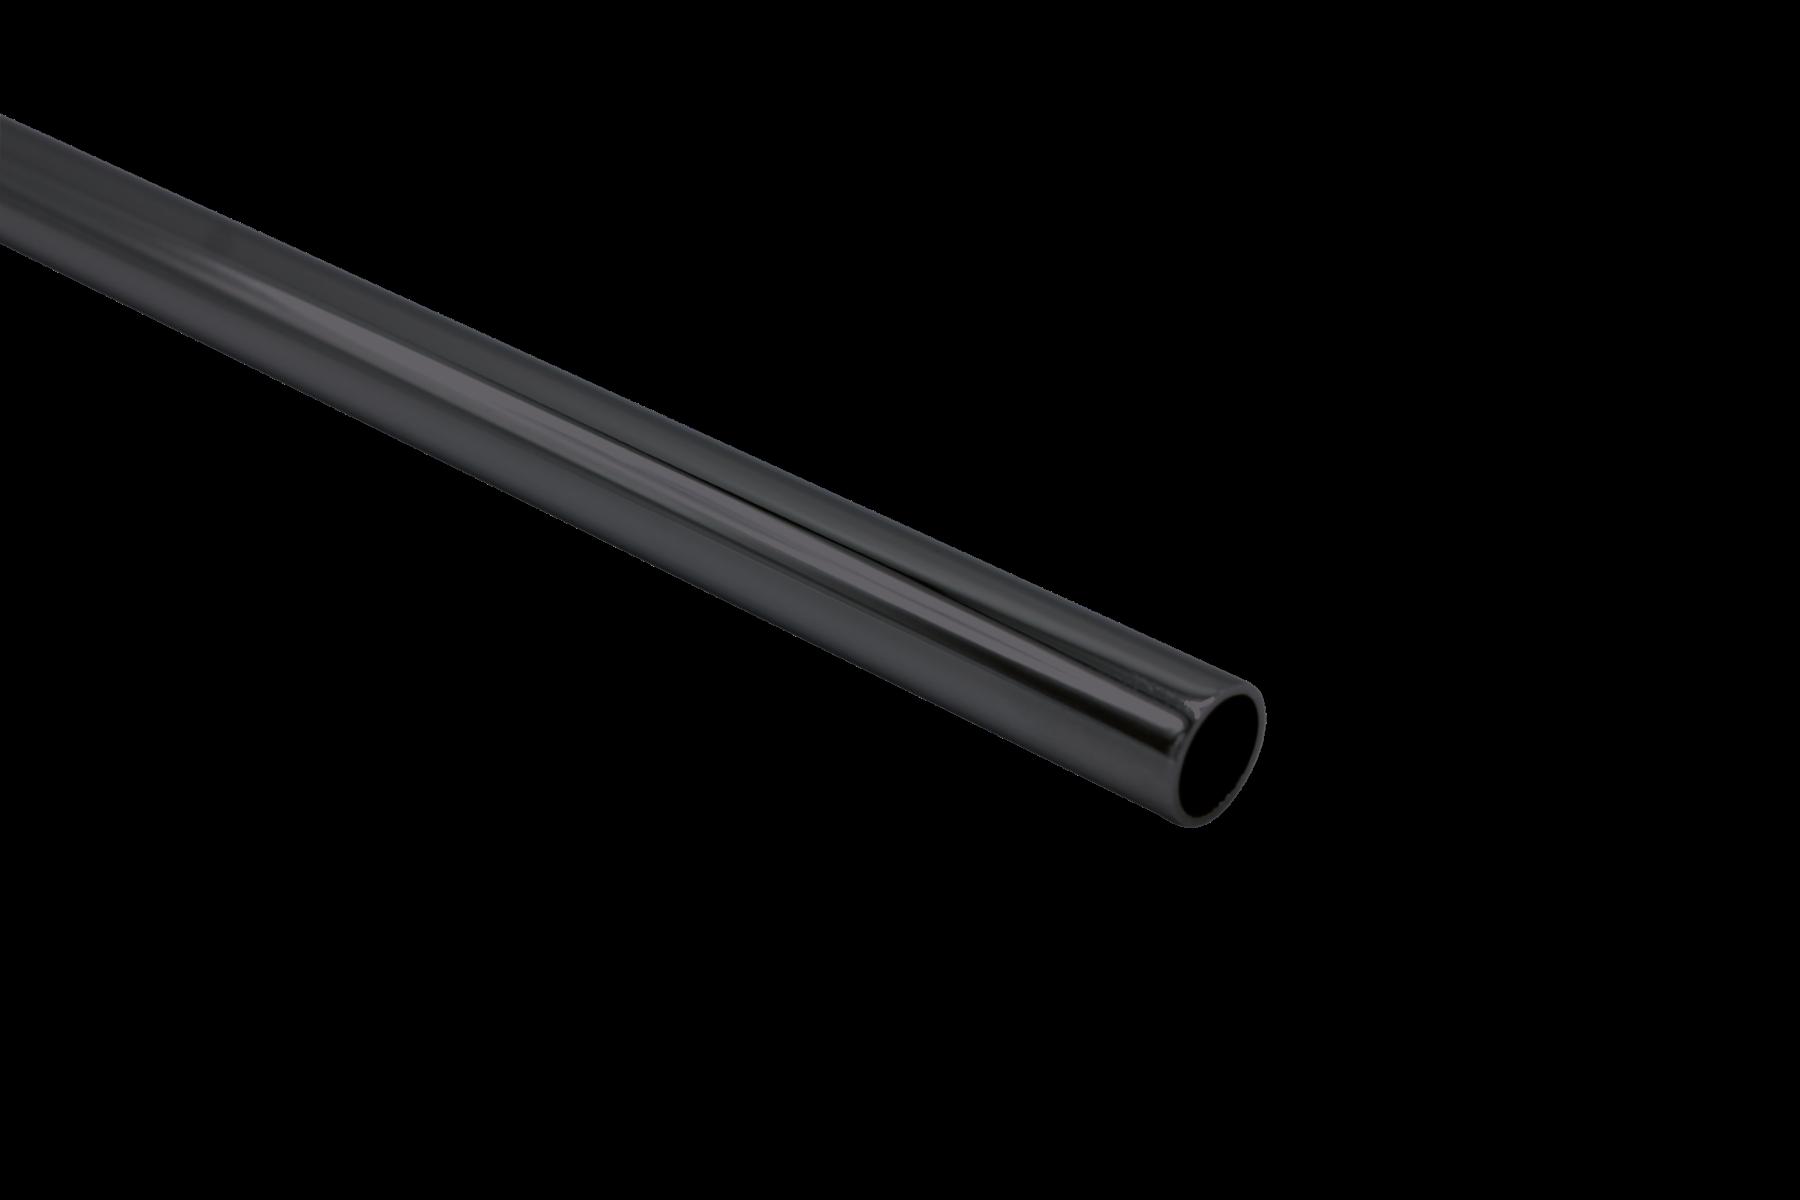 CRL Chrome Round Support Bar, Ø 12 mm